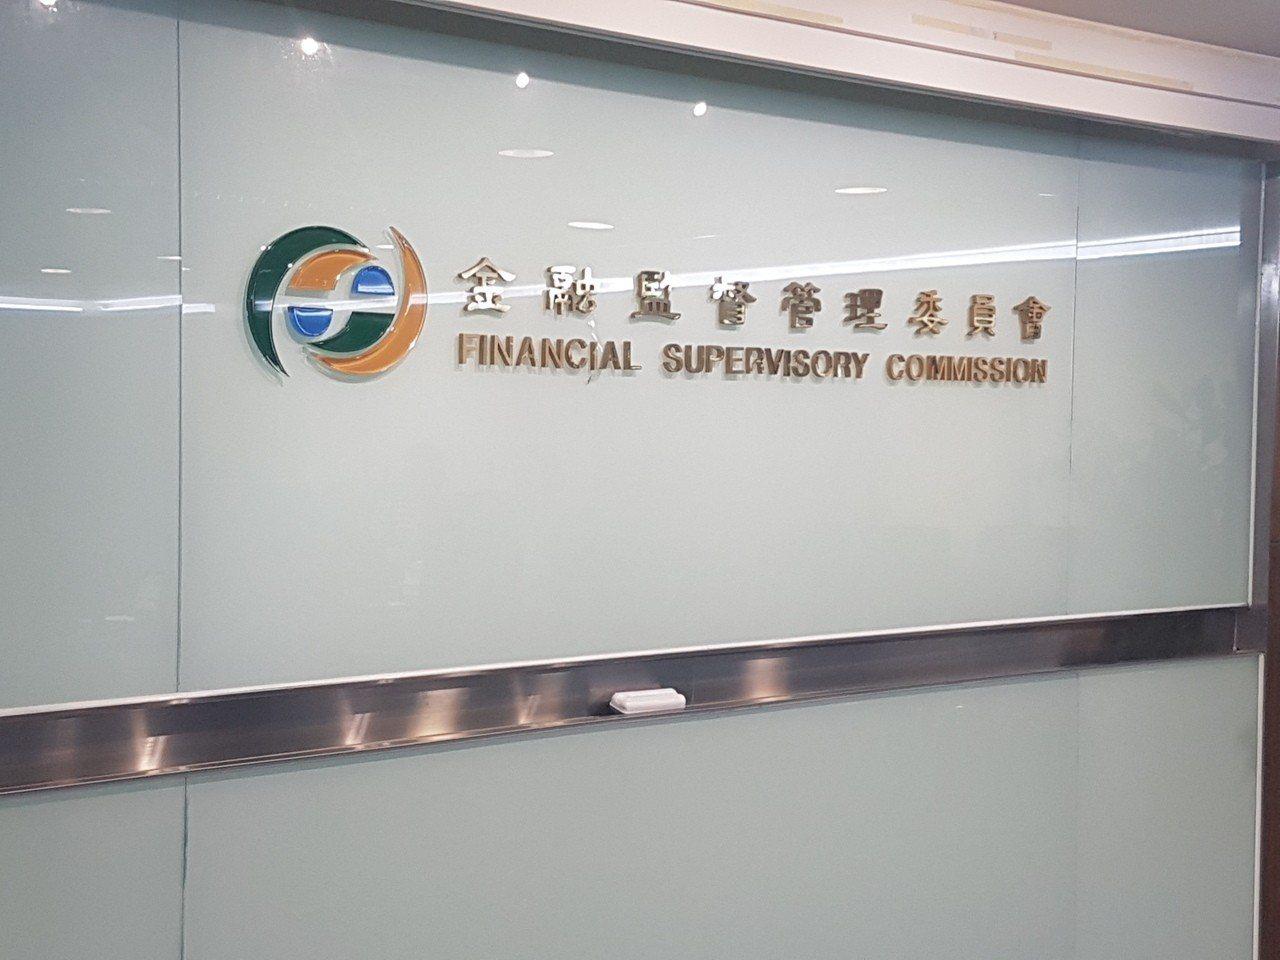 金管會准上海商業儲蓄銀行登陸設據點。記者孫中英/攝影